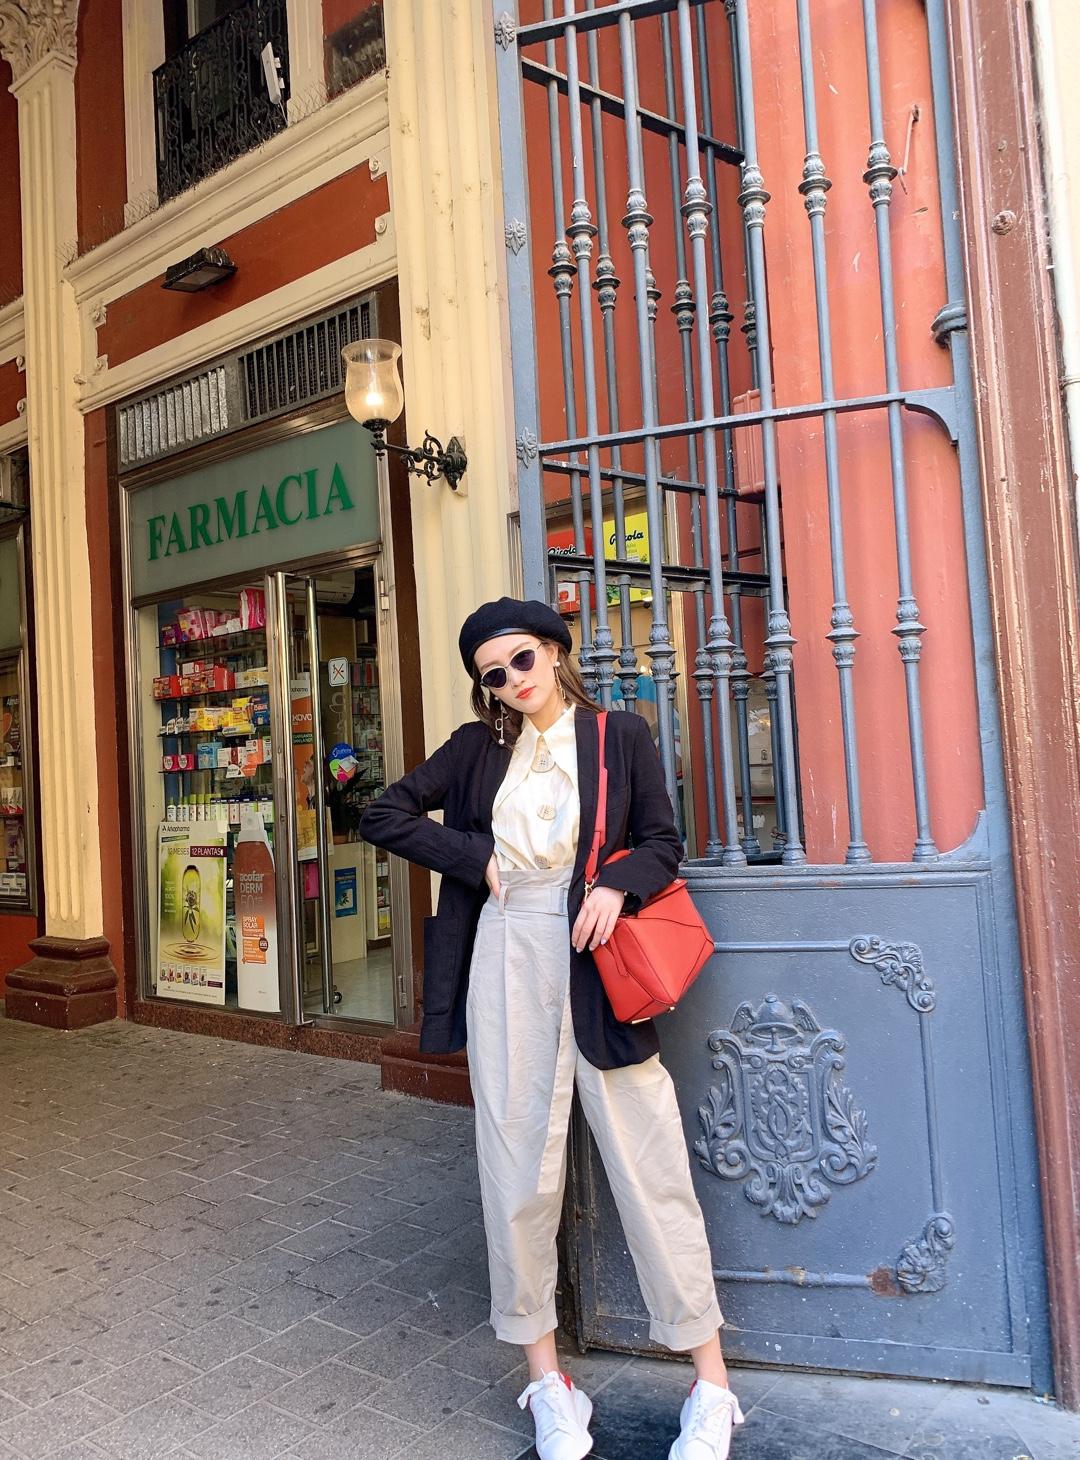 旅行穿搭🇪🇸英伦宫廷风格𝐌𝐀𝐍系搭配法则 🖇 裤子/𝐂𝐎𝐒 外套/𝐙𝐀𝐑𝐀 包包/𝐋𝐎𝐄𝐖𝐄 墨镜/脂肪商店 衬衫/球姐的百宝袋 鞋子/𝐀𝐋𝐄𝐗𝐀𝐍𝐃𝐄𝐑 𝐌𝐂𝐐𝐔𝐄𝐄𝐍   今天穿了一套英伦风格的Look,衬衫的复古大摆领子和米珠光颜色超级靓丽~搭配同色系Cos萝卜裤非常高级的欧式风格。加上黑色西装外套/贝雷帽,整体造型更偏🆒 旅行我一定会带上麦昆小白鞋,舒服百搭~ 红尾是我的最爱❤ 红色loewe充当造型亮色系元素,look色彩主次分明。  ps: 今天从萨拉戈萨前往巴塞罗那,参观了高迪的圣家族教堂,简直壮观!!我全程惊呼OMG😂   #小个子女生夏日增高套装#